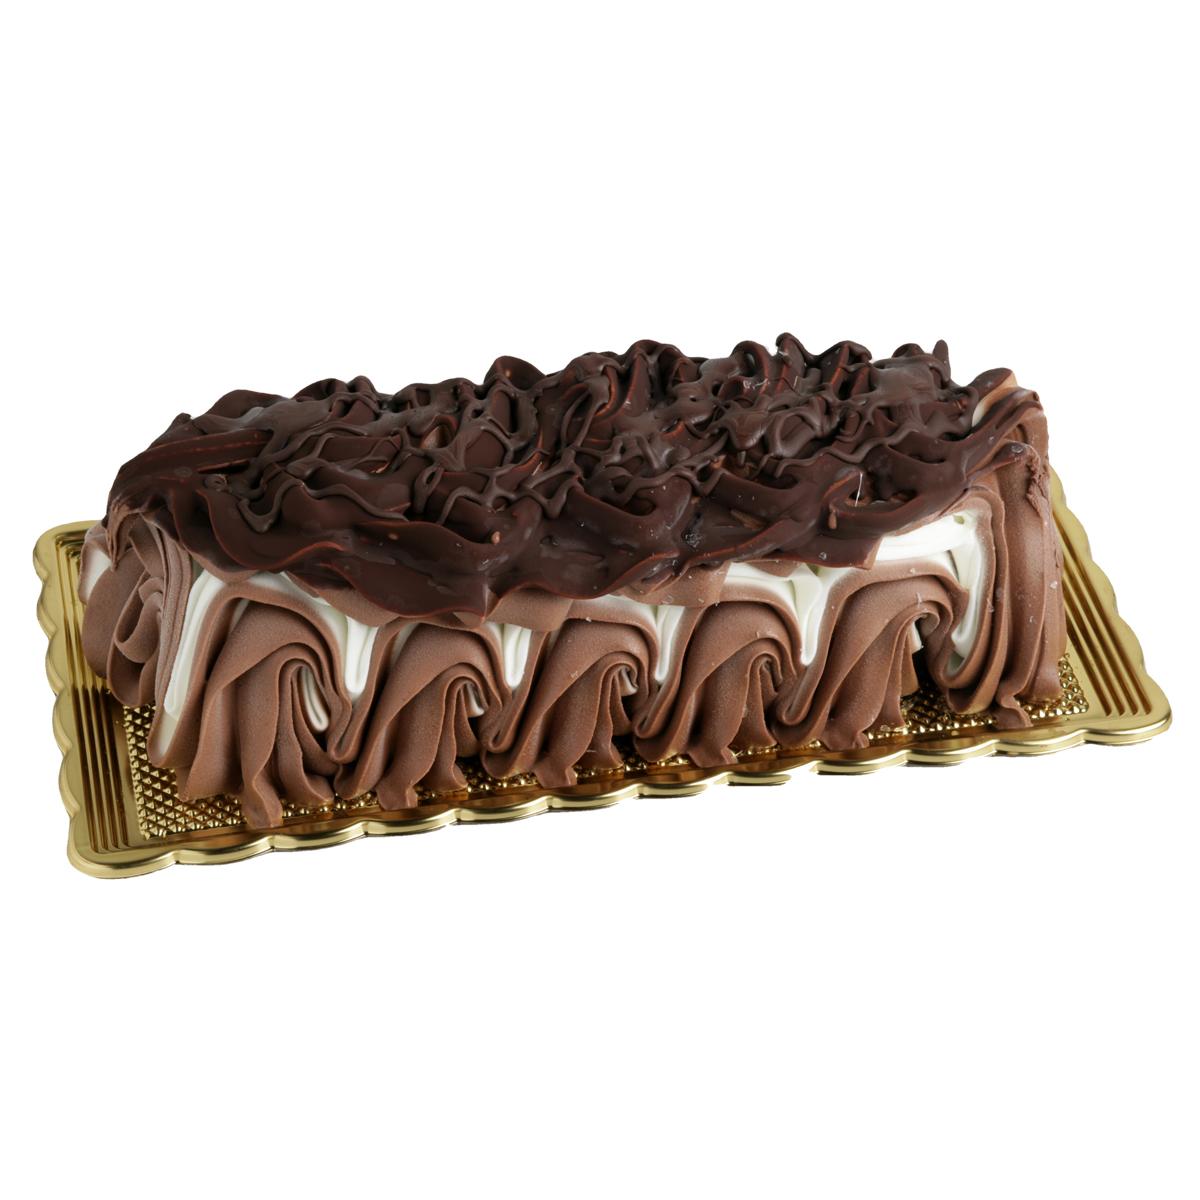 tronchetto gelato panna e cioccolato - gallo gelati artigianali siciliani